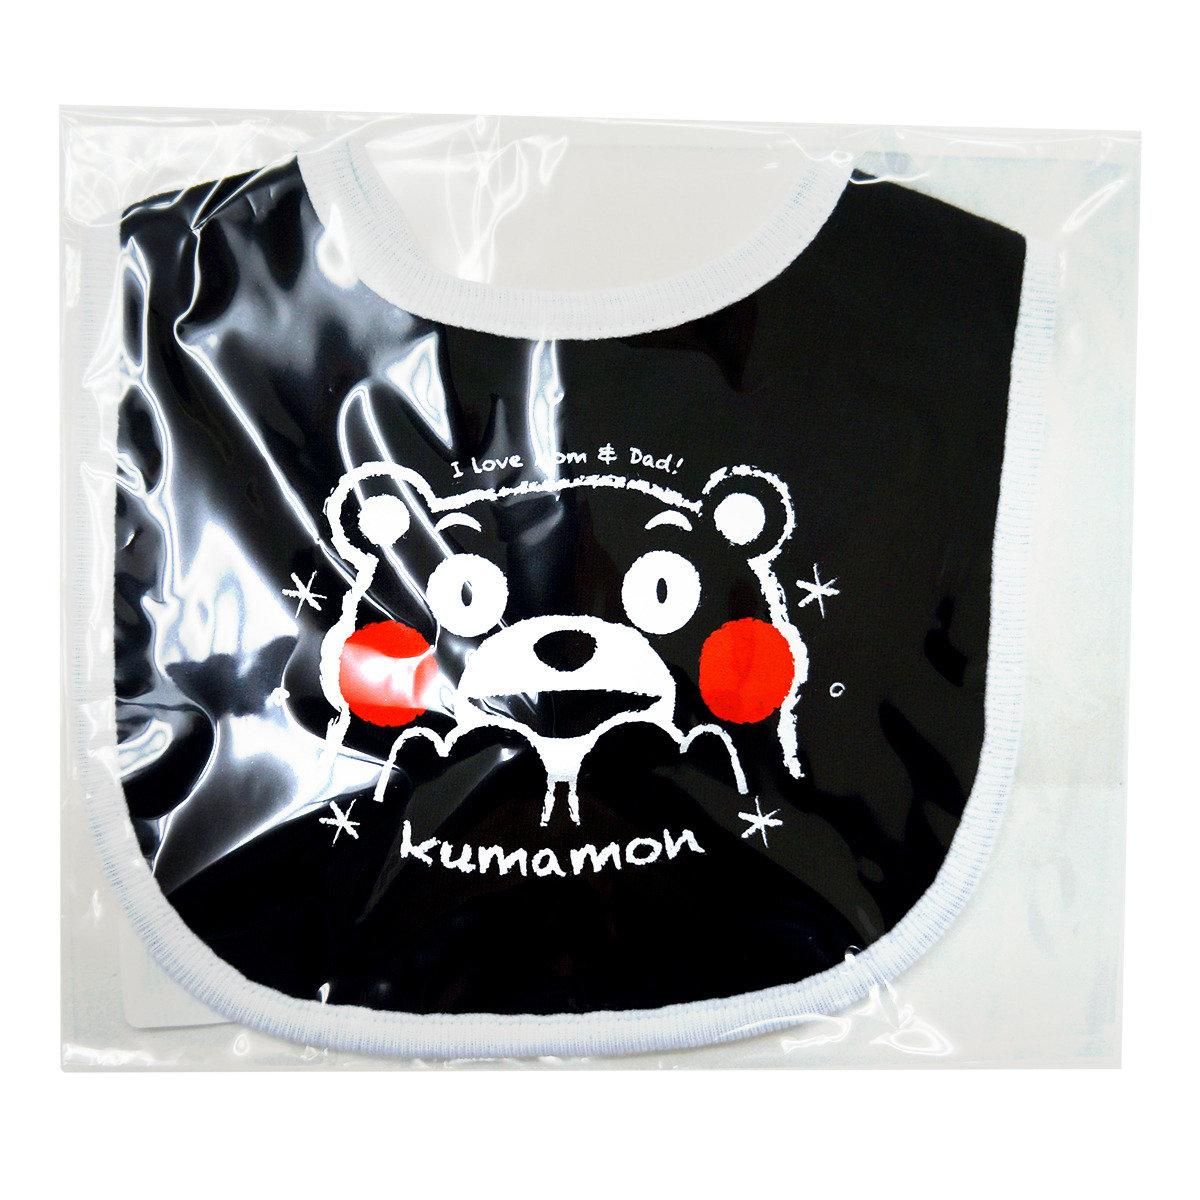 KUMAMON 嬰兒口水肩 (黑白)